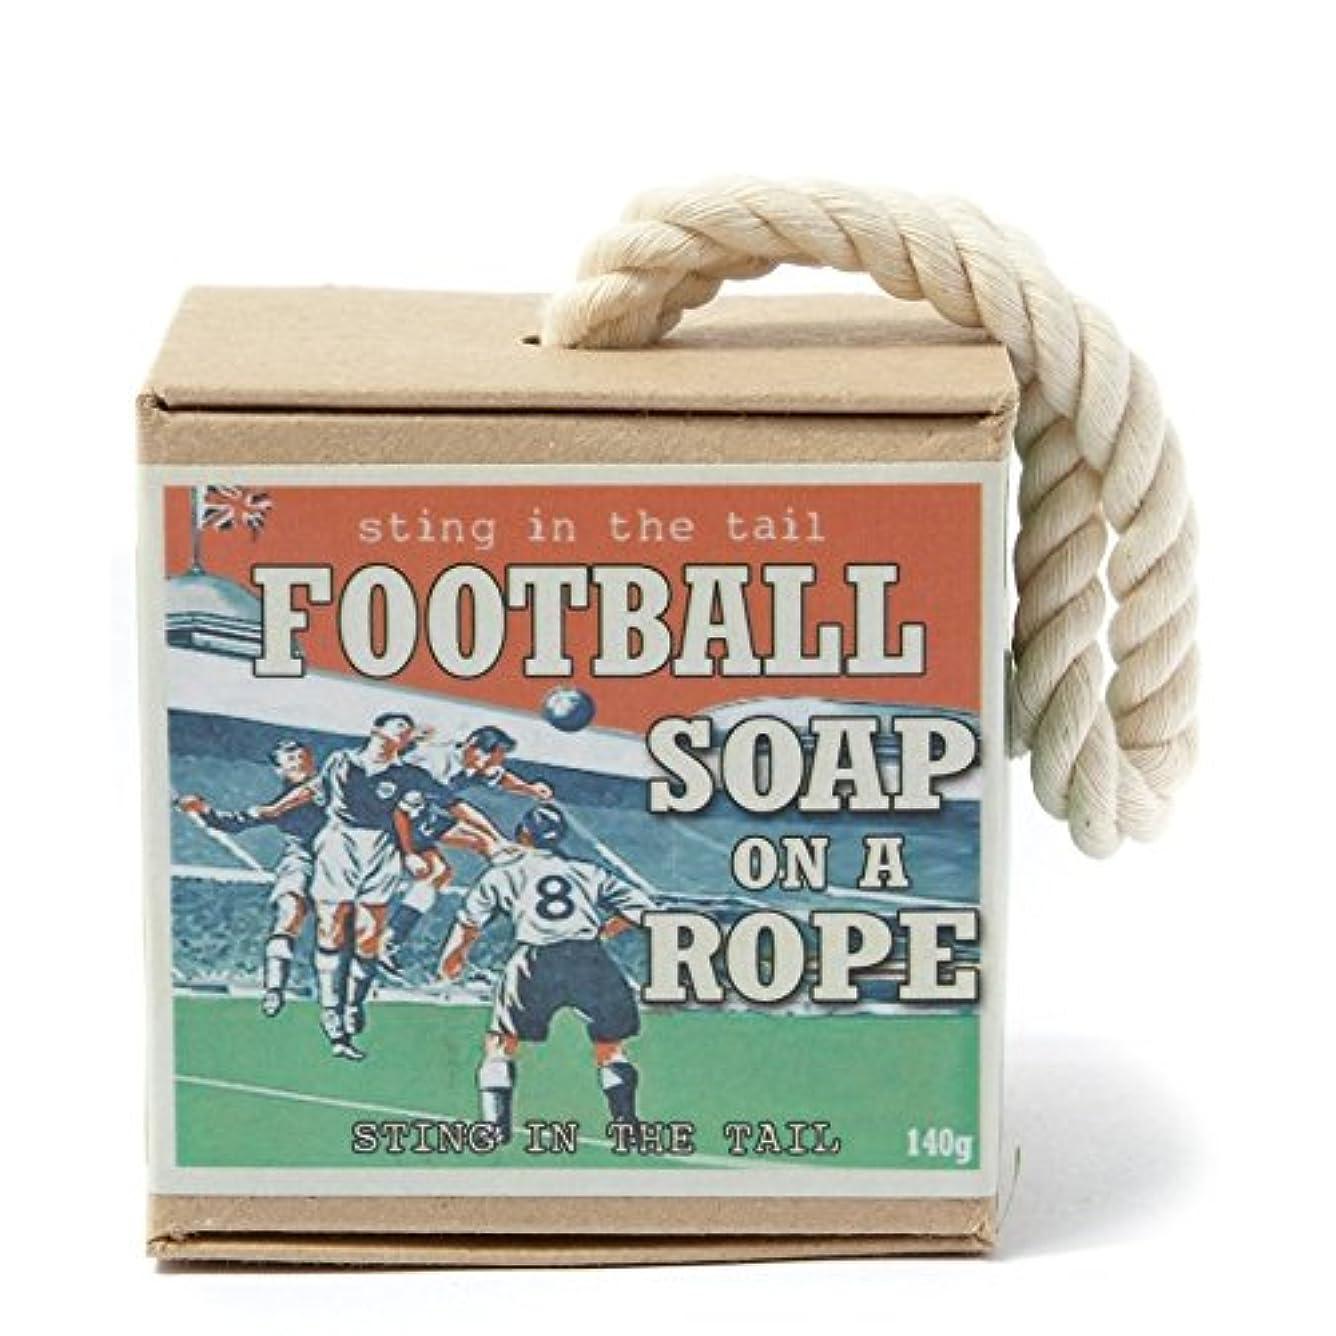 定義する甘味実験室ロープ石鹸のテールサッカーで刺します x2 - Sting In The Tail Football on a Rope Soap (Pack of 2) [並行輸入品]